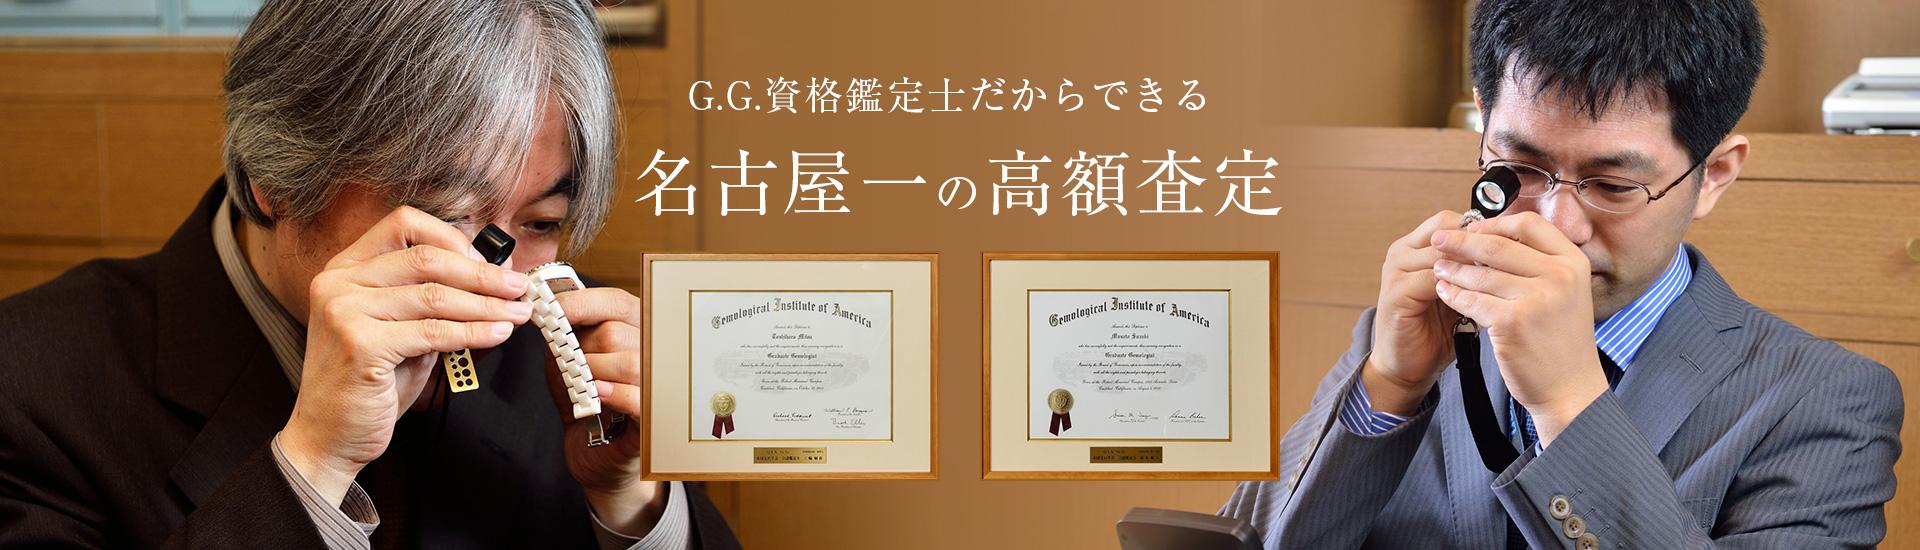 G.G.資格鑑定士だからできる 名古屋一の高額査定